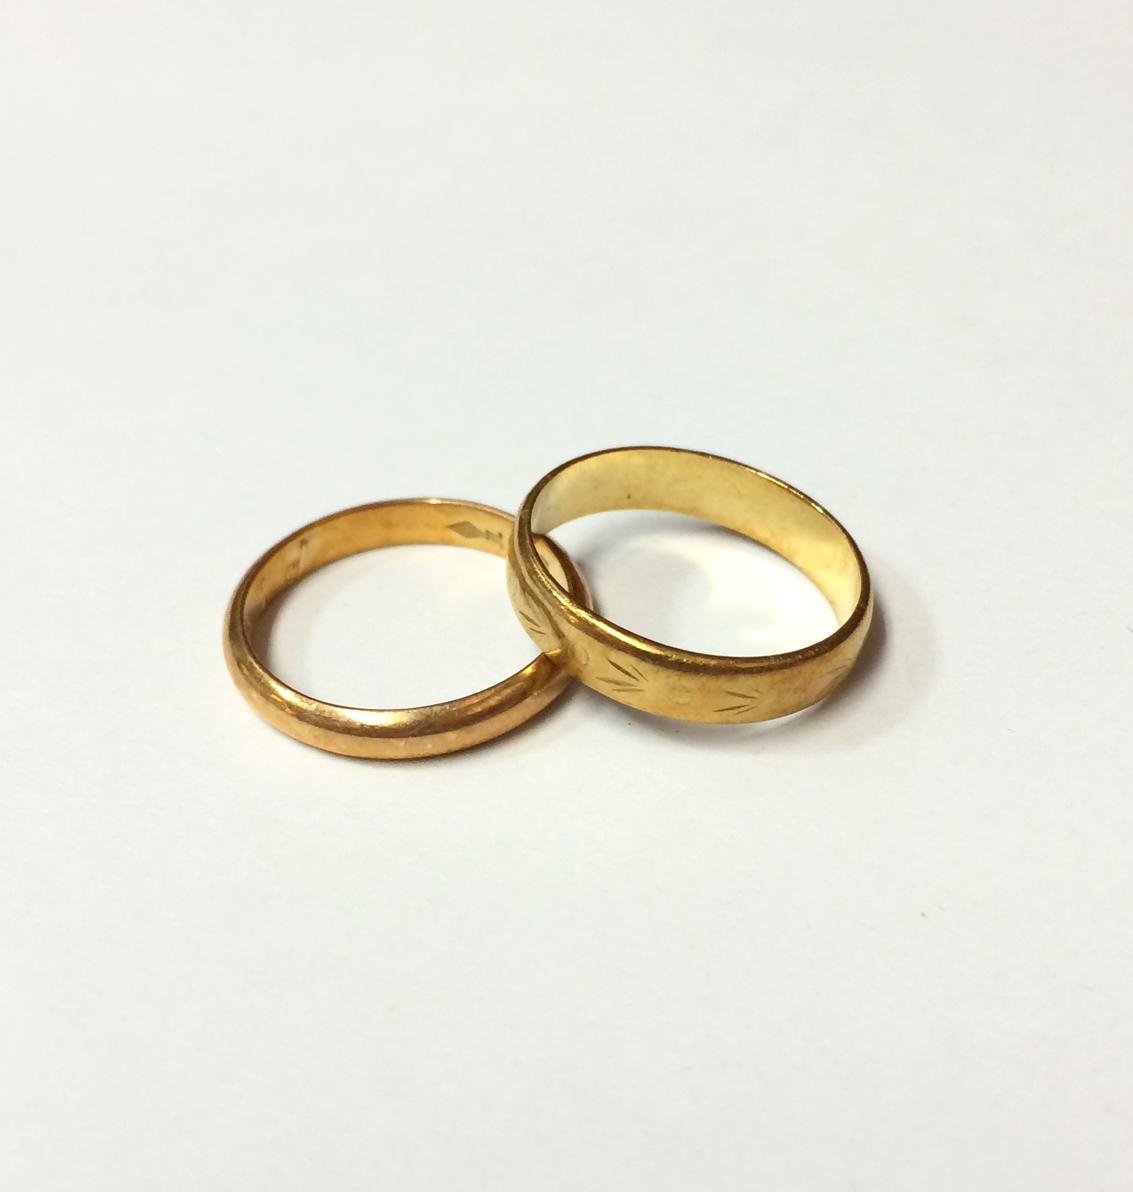 金 K18 指輪2点 買取実績のご紹介